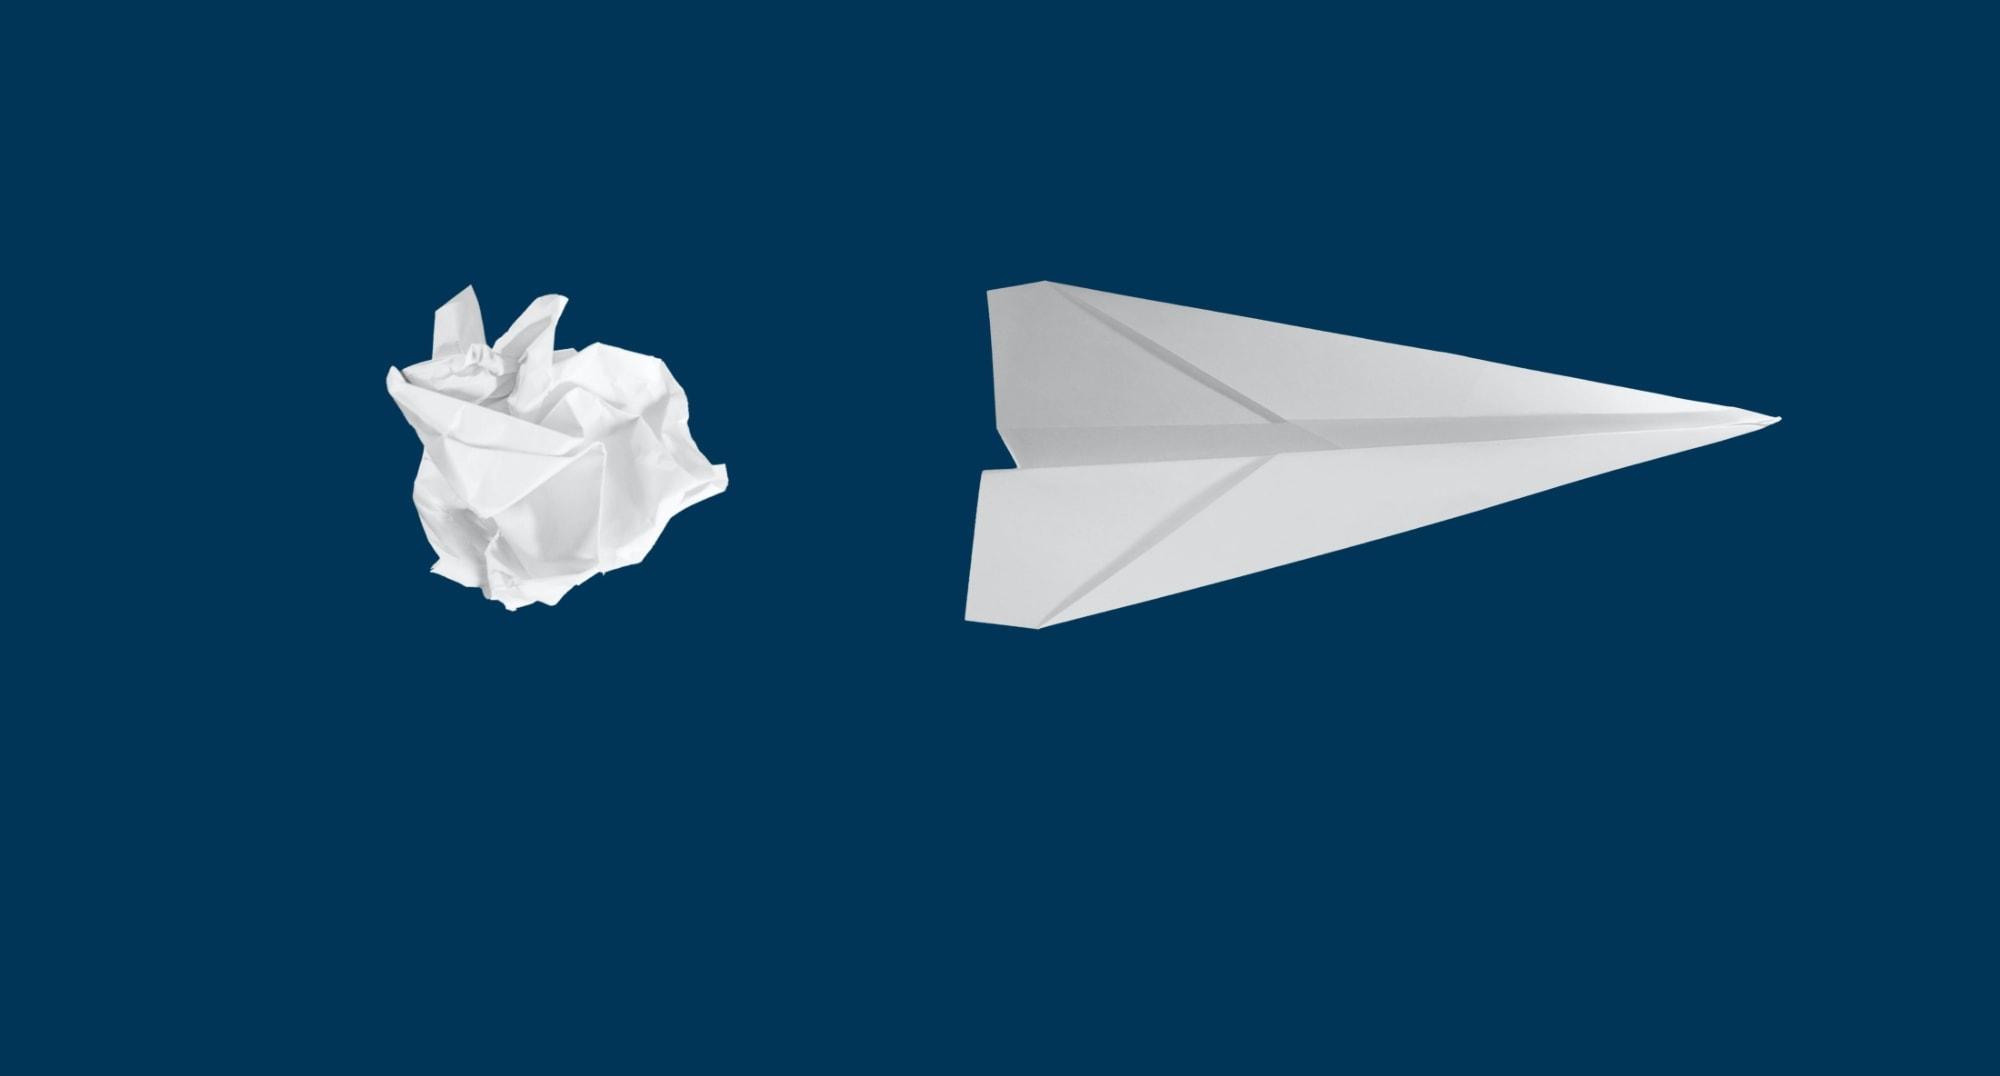 Matt-Ridley-paper-plane